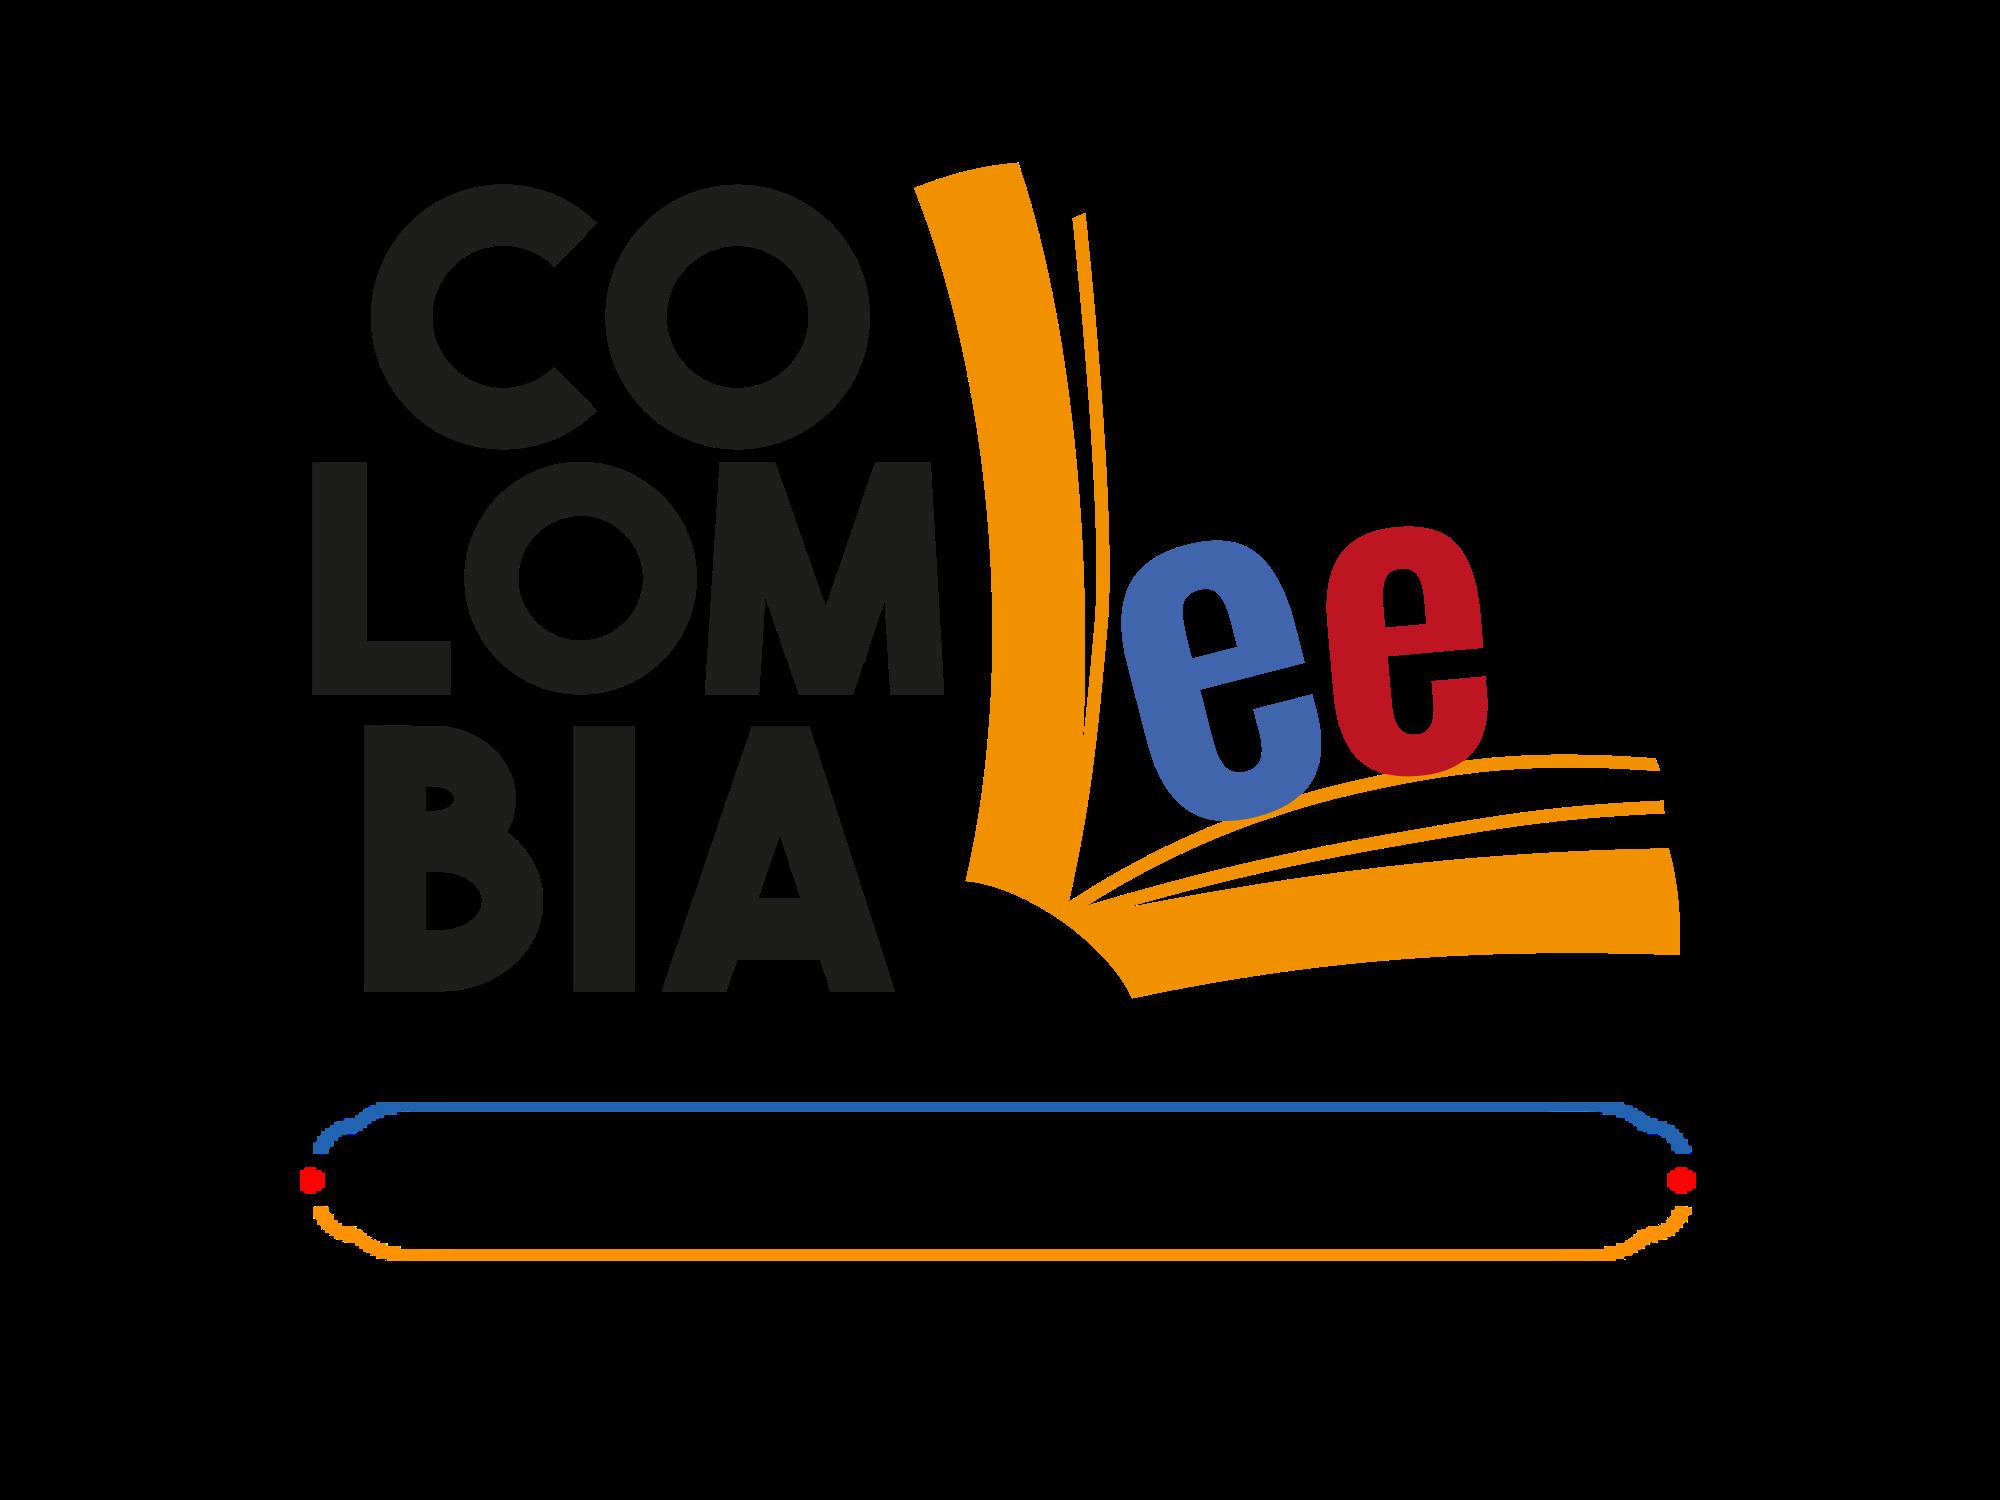 Mincultura y la Cámara Colombiana de Libro lanzan Colombia Lee, una plataforma digital para impulsar la reactivación del sector editorial